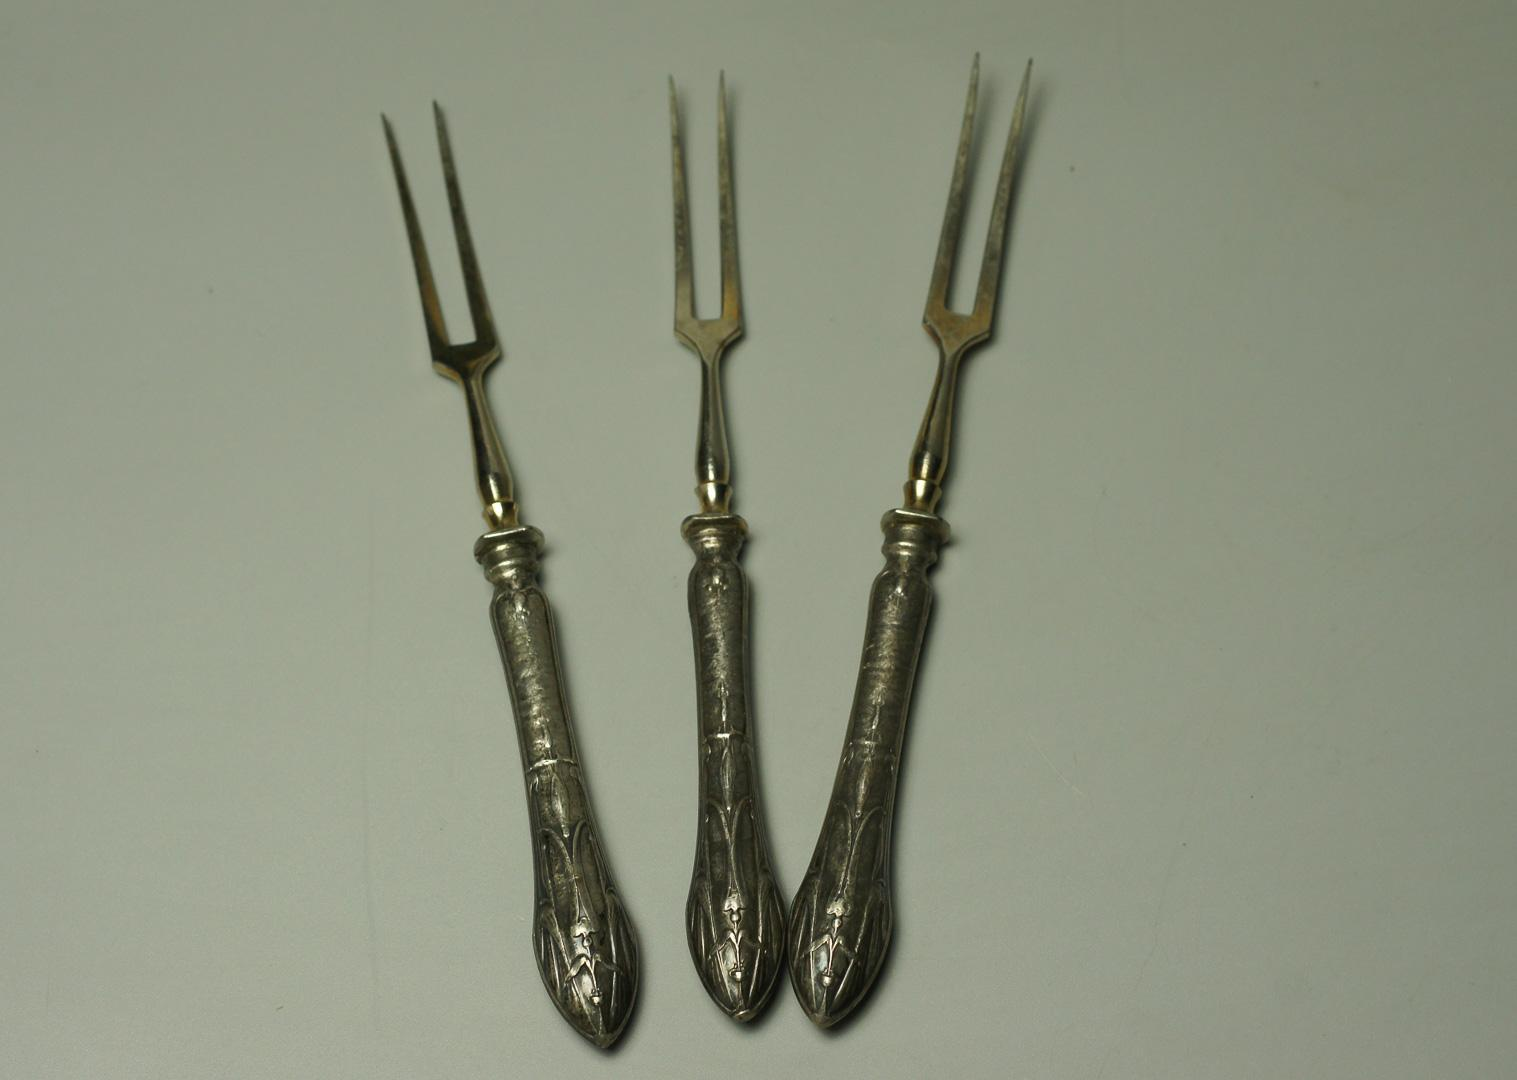 Вилки для мяса модерн серебро